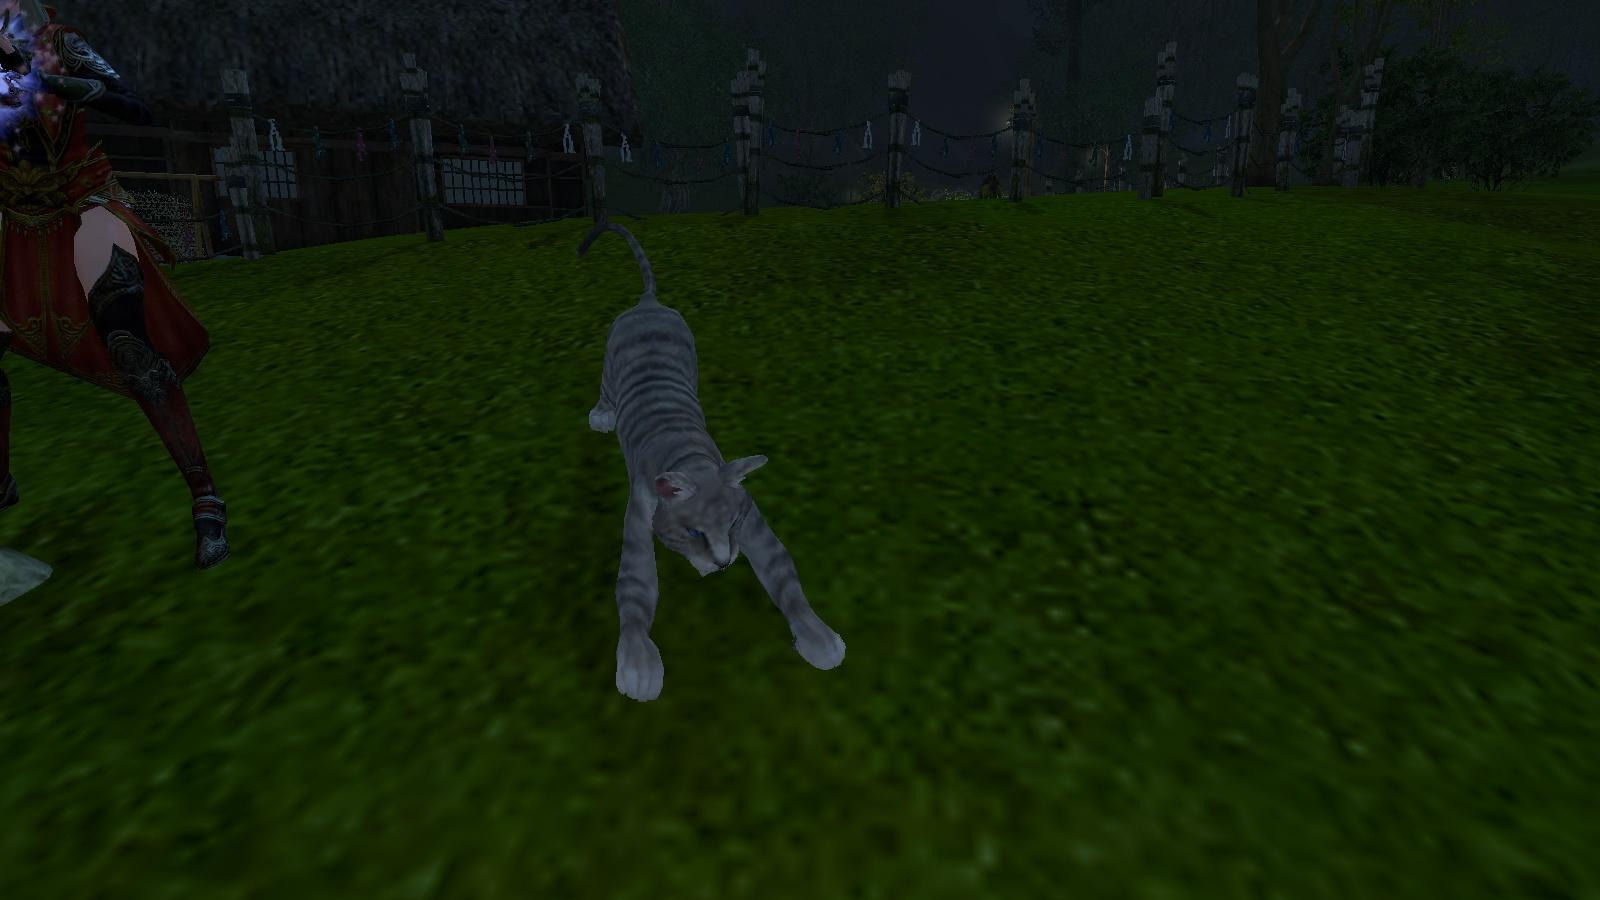 いかつい猫